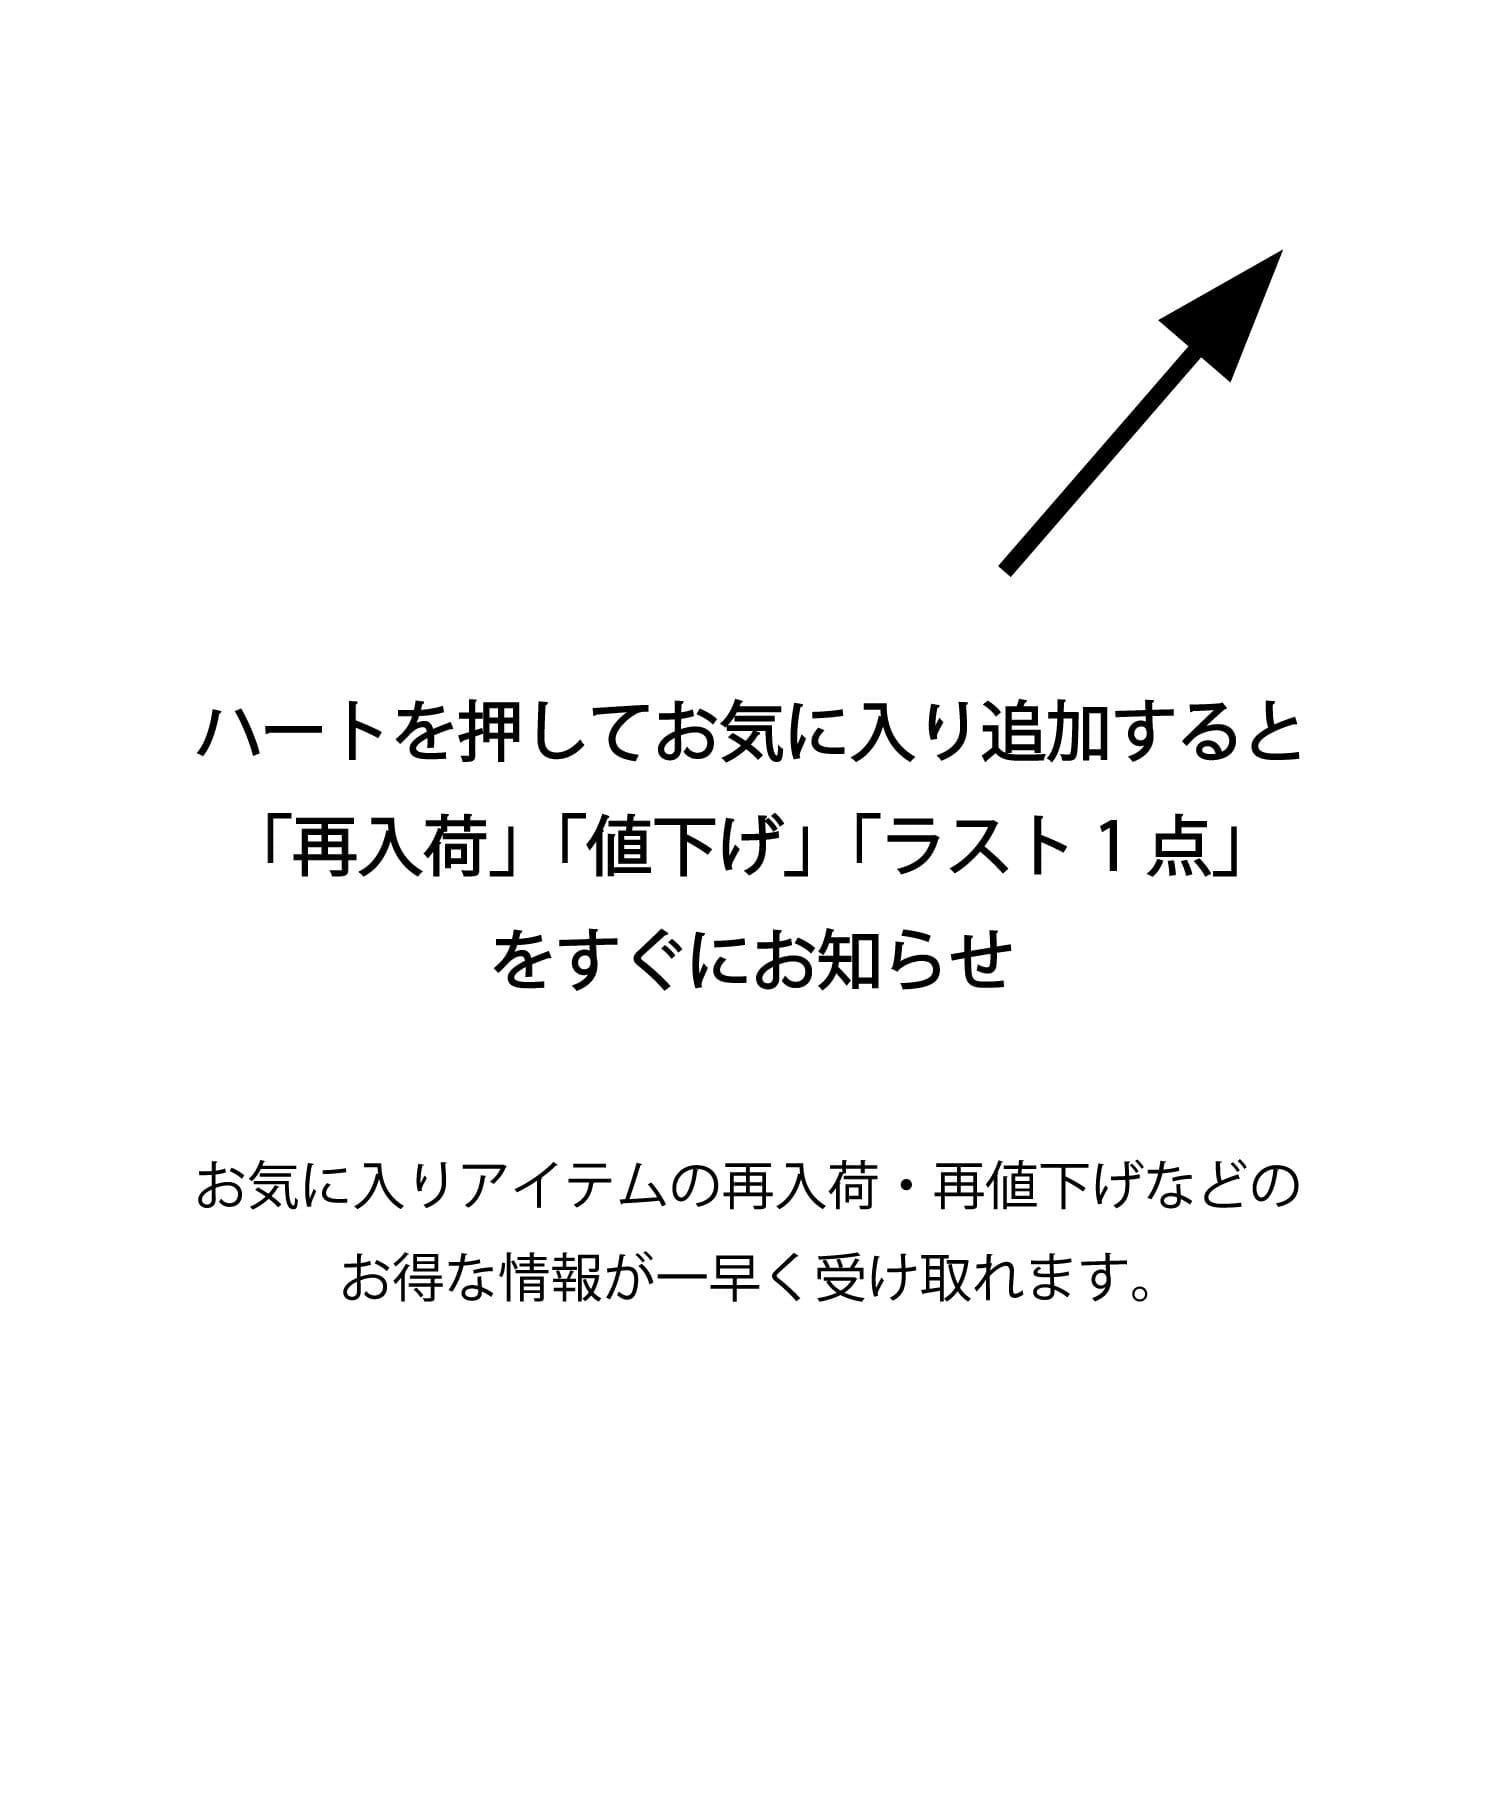 un dix cors(アンディコール) 【kiara(キアラ)】ナイロンミニギャザーバッグ